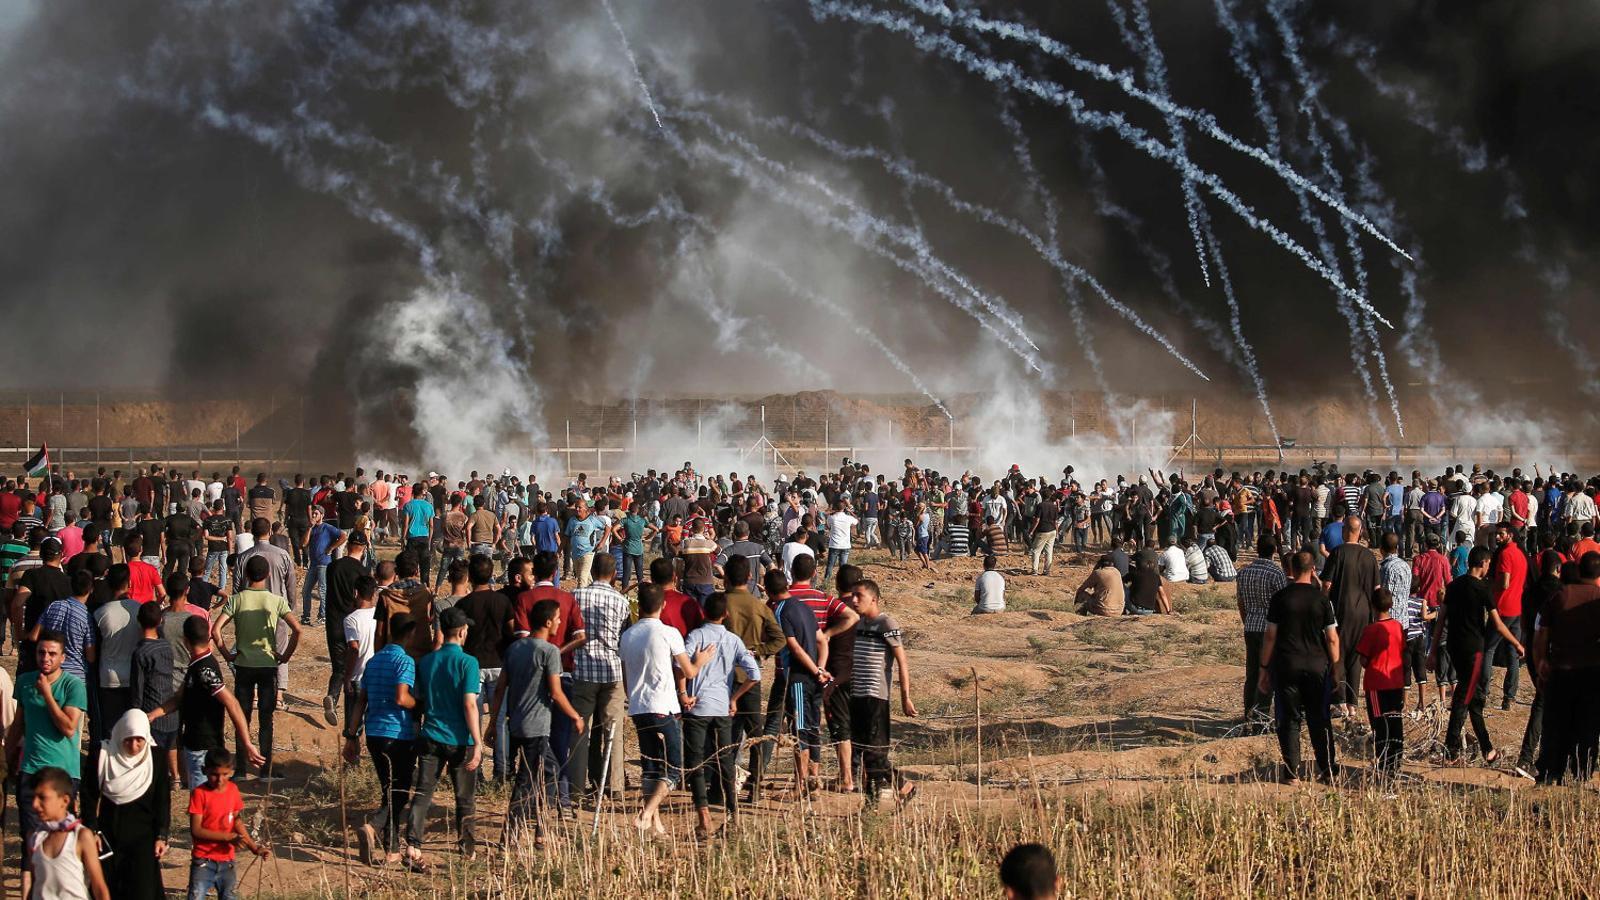 Una multitud es manifestava ahir a la frontera de Gaza davant l'exèrcit israelià, que disparava llaunes de gasos lacrimògens.